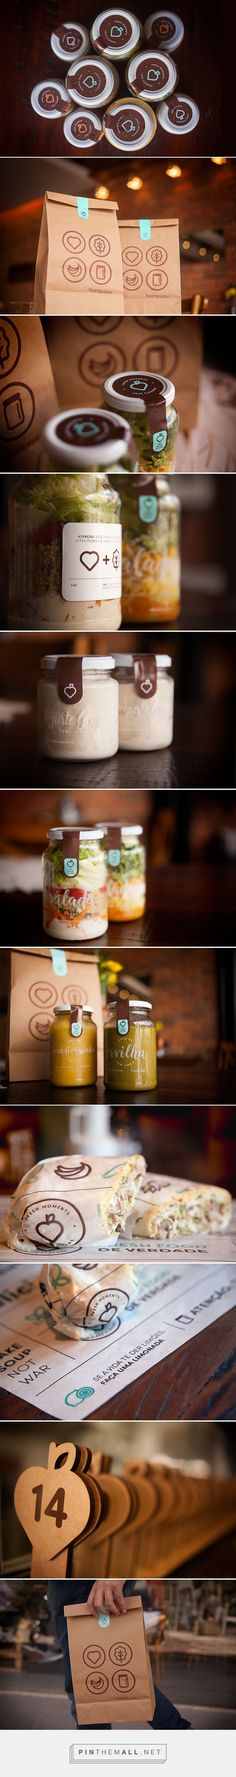 Hortalícia /  food brand by Samuel Furtado, Vibri Design & Branding, Rodrigo Vieira